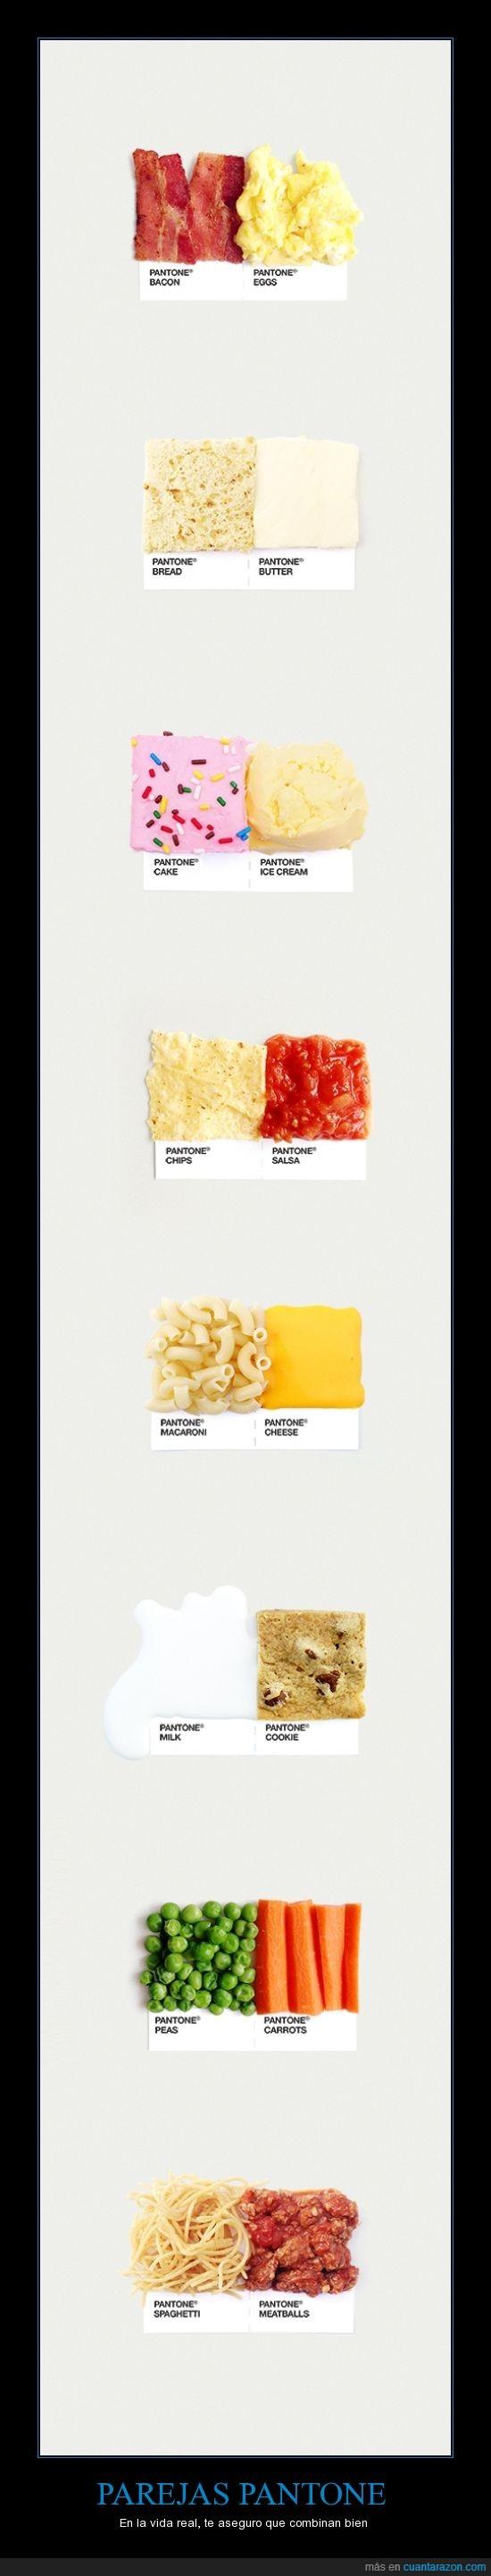 . combinacion,carne,color,combinar,comida,espaguetis,helado,pantone,pareja